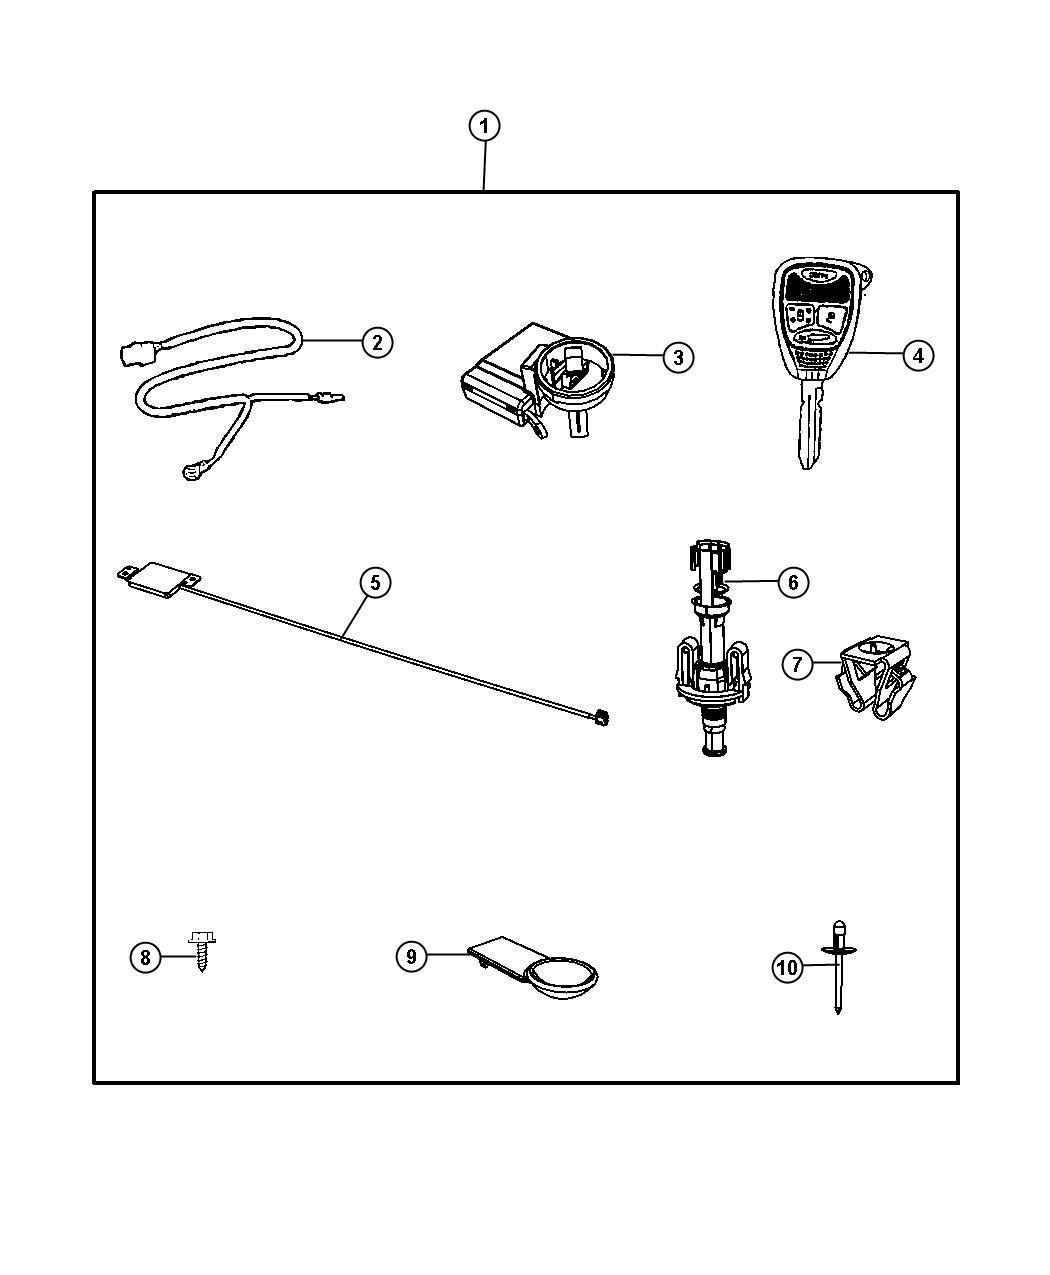 Chrysler Sebring Key Blank With Transmitter